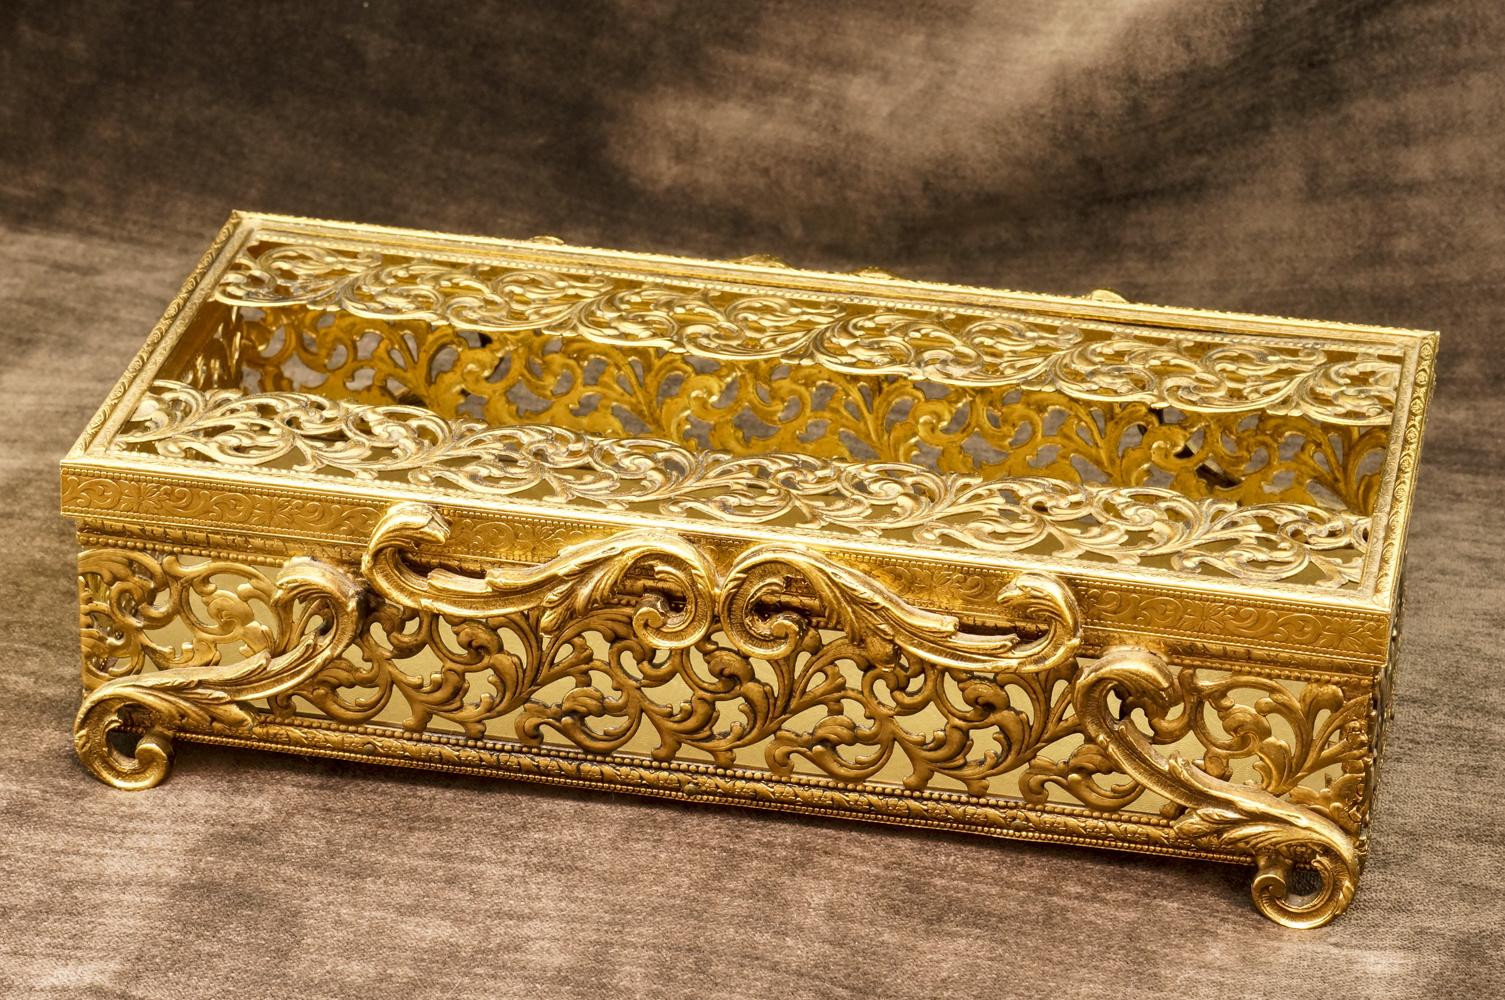 Sold:スタイルビルト製 ゴールド クラシカルリーフ ティッシュボックス